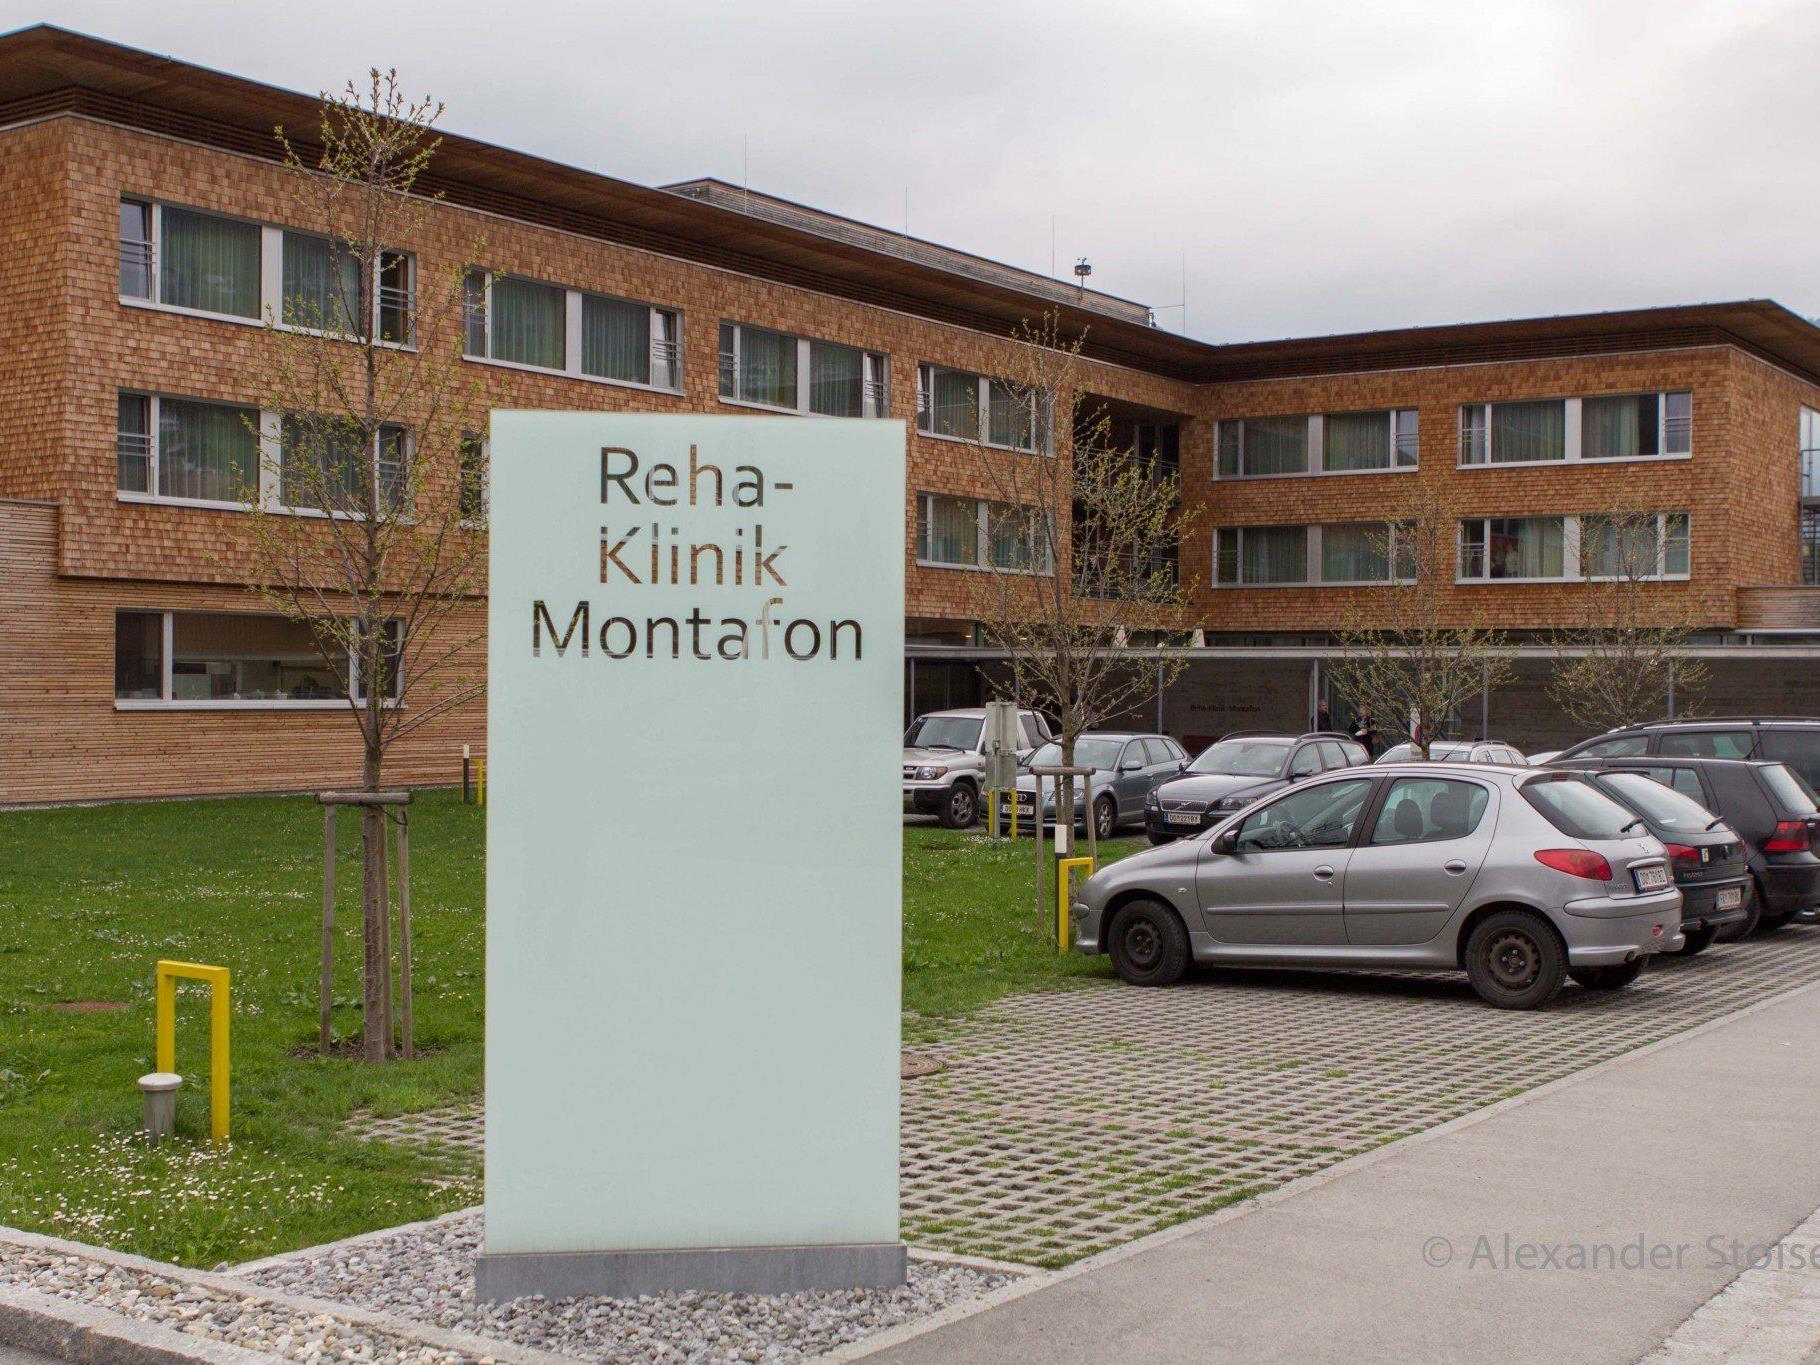 Die Reha-Klinik Montafon übernimmt ab 2. Mai 2013 an Werktagen den medizinischen Bereitschaftsdienst.